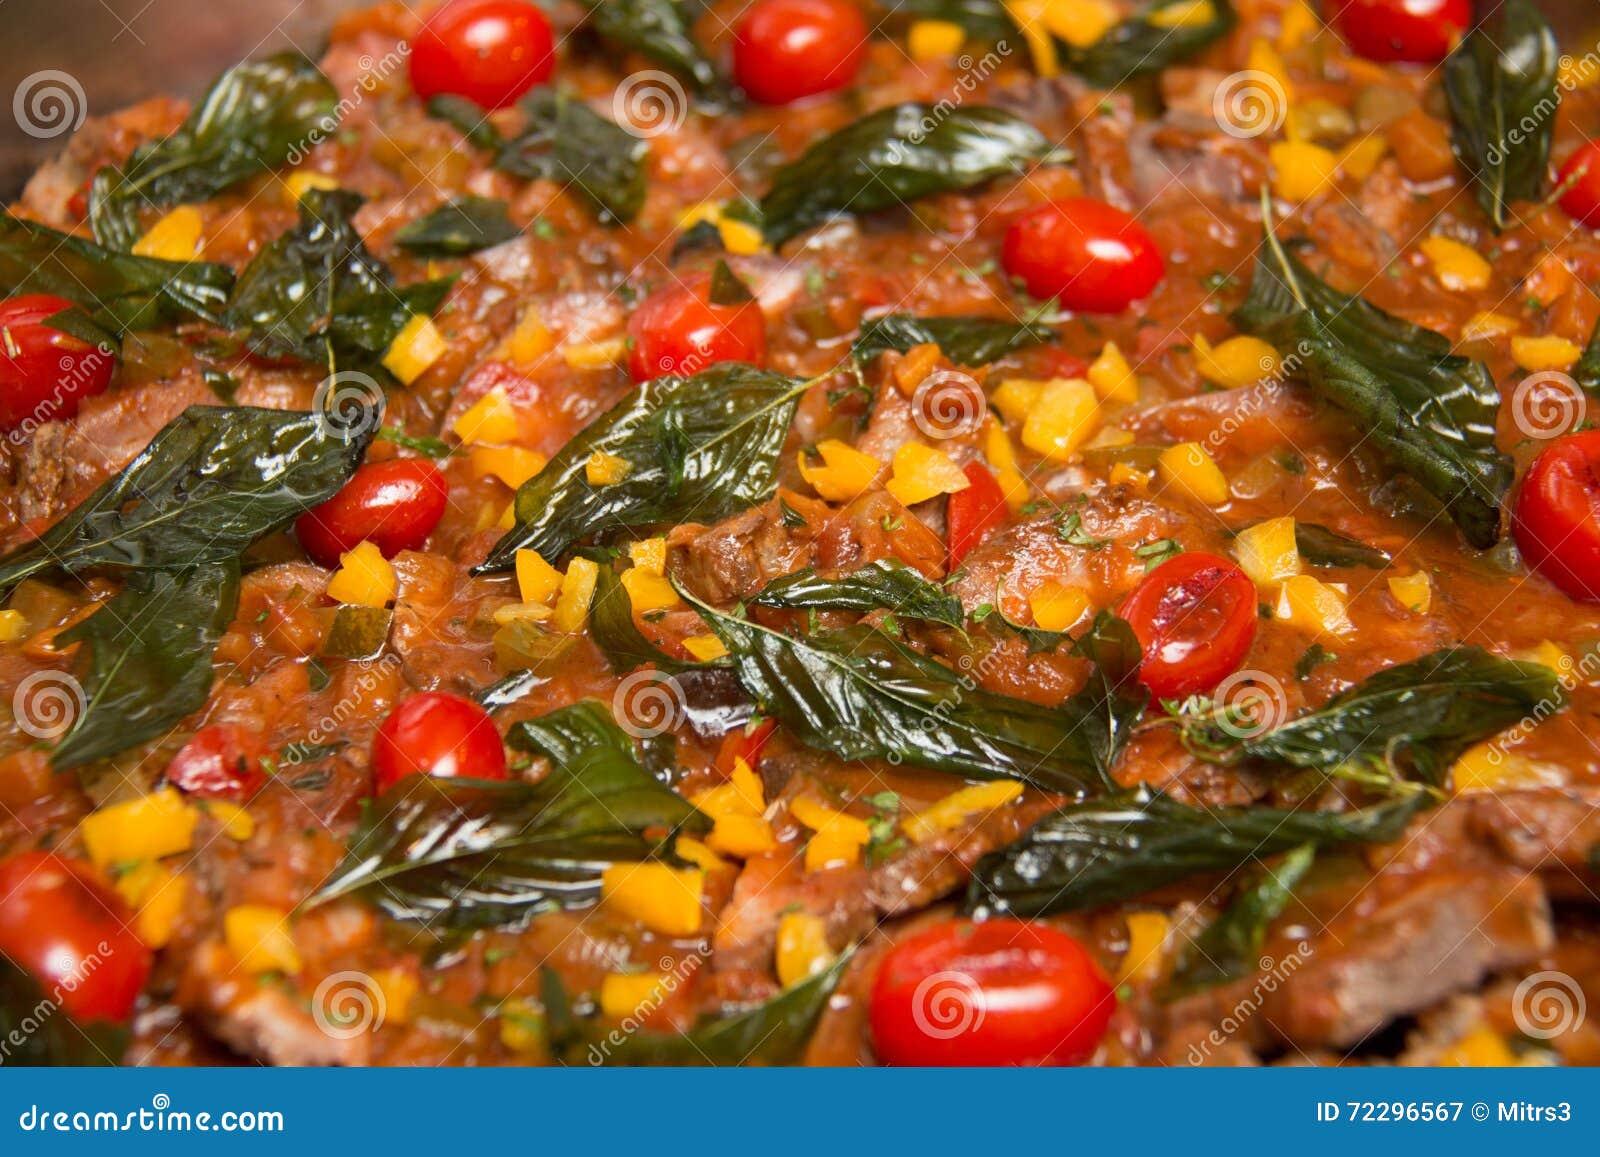 Download Варить травы, специи, предпосылка овощей Стоковое Изображение - изображение насчитывающей basilio, brougham: 72296567